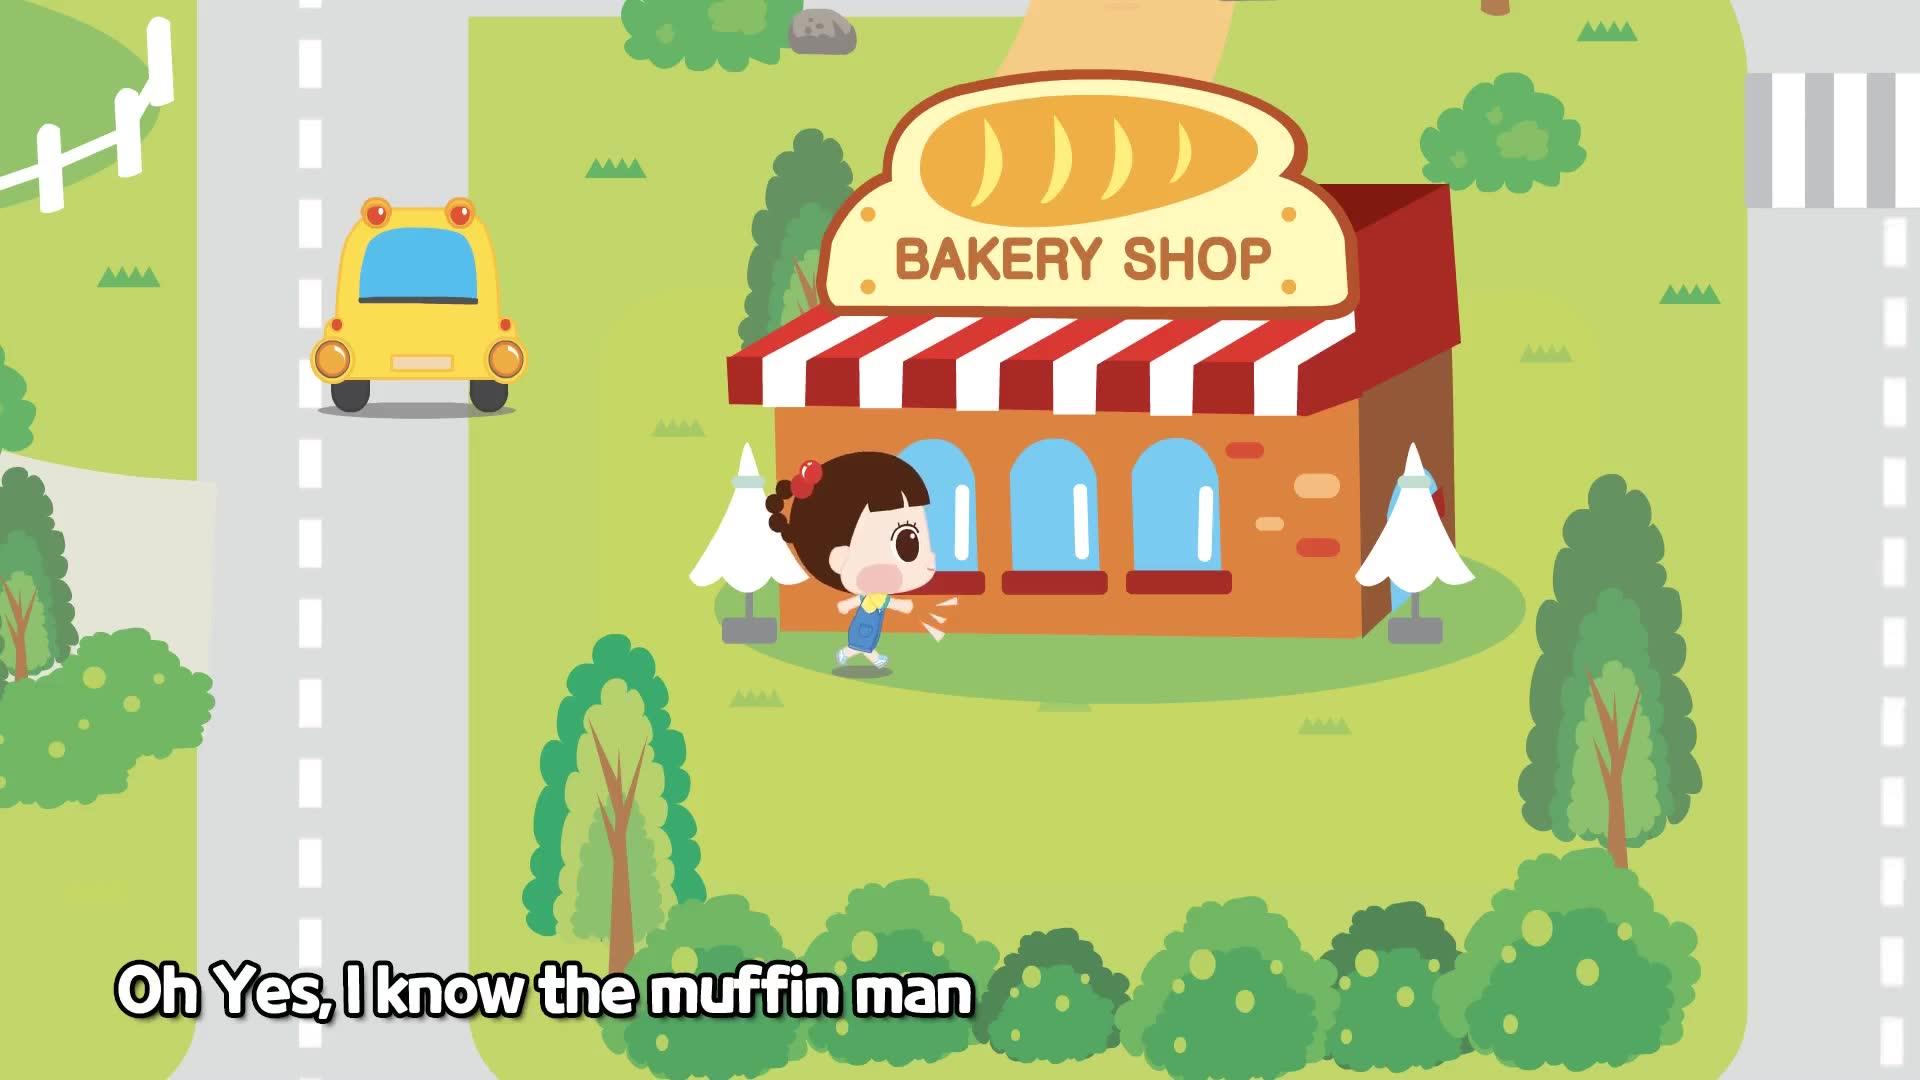 8화 Do you know the muffinman